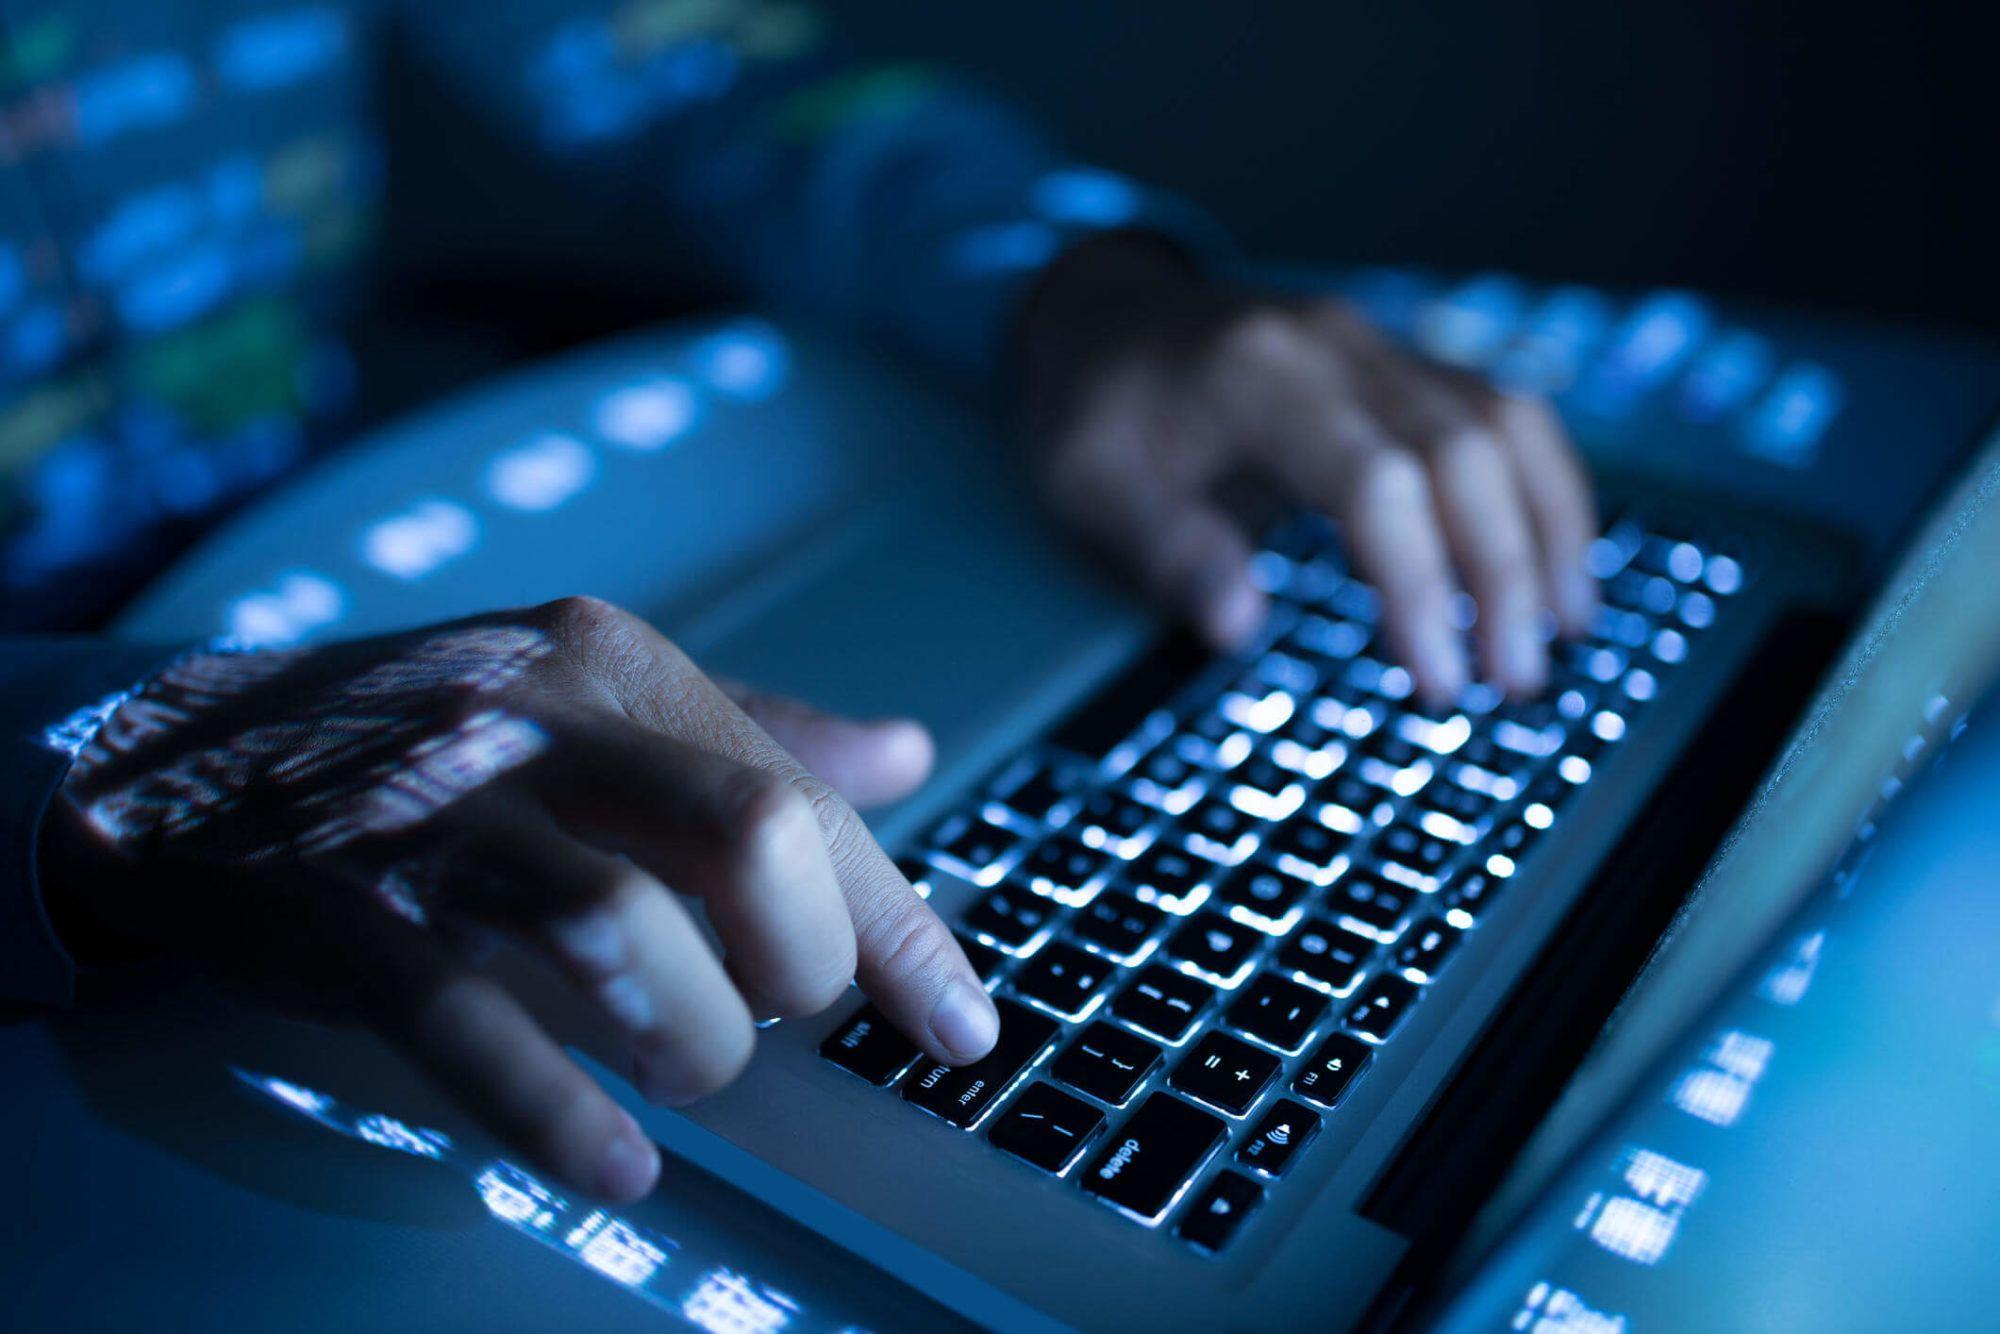 The dark net, hacker, information security, data management